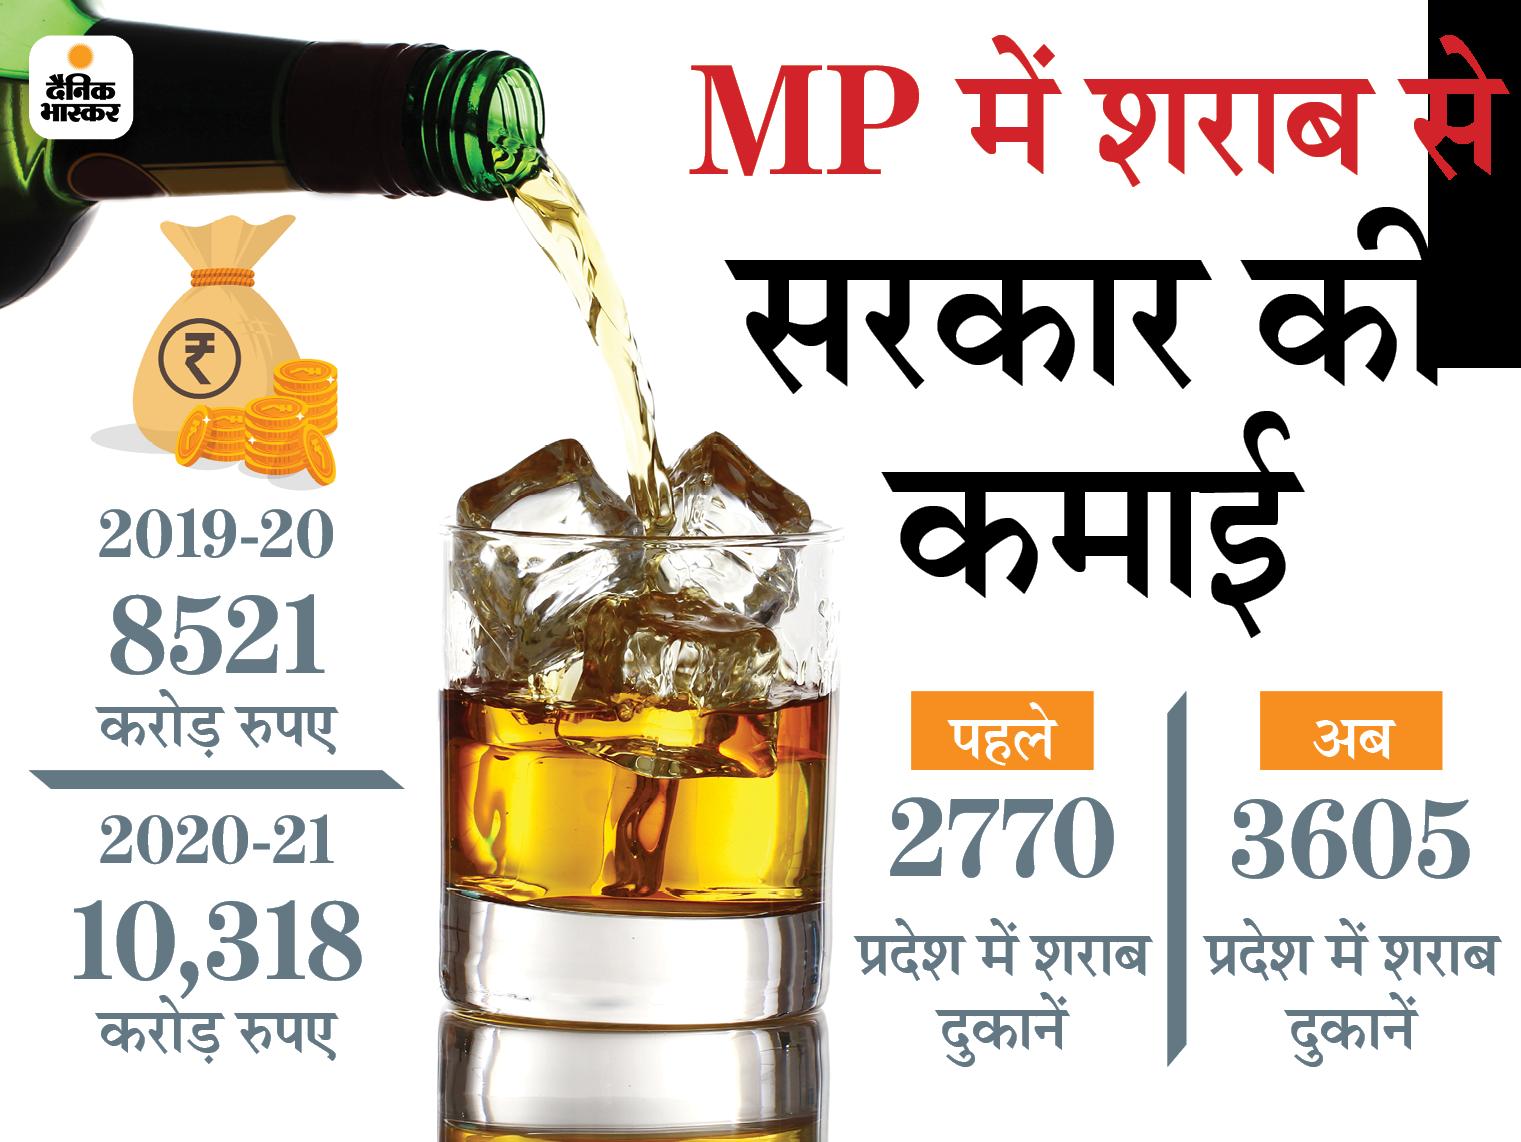 लाइसेंस फीस 5% बढ़ाकर 10 माह के लिए ठेके देने का प्रस्ताव फिलहाल टाला; गृह मंत्री बोले- कम है वृद्धि, शराब से खूब कमाते हैं कारोबारी|मध्य प्रदेश,Madhya Pradesh - Dainik Bhaskar